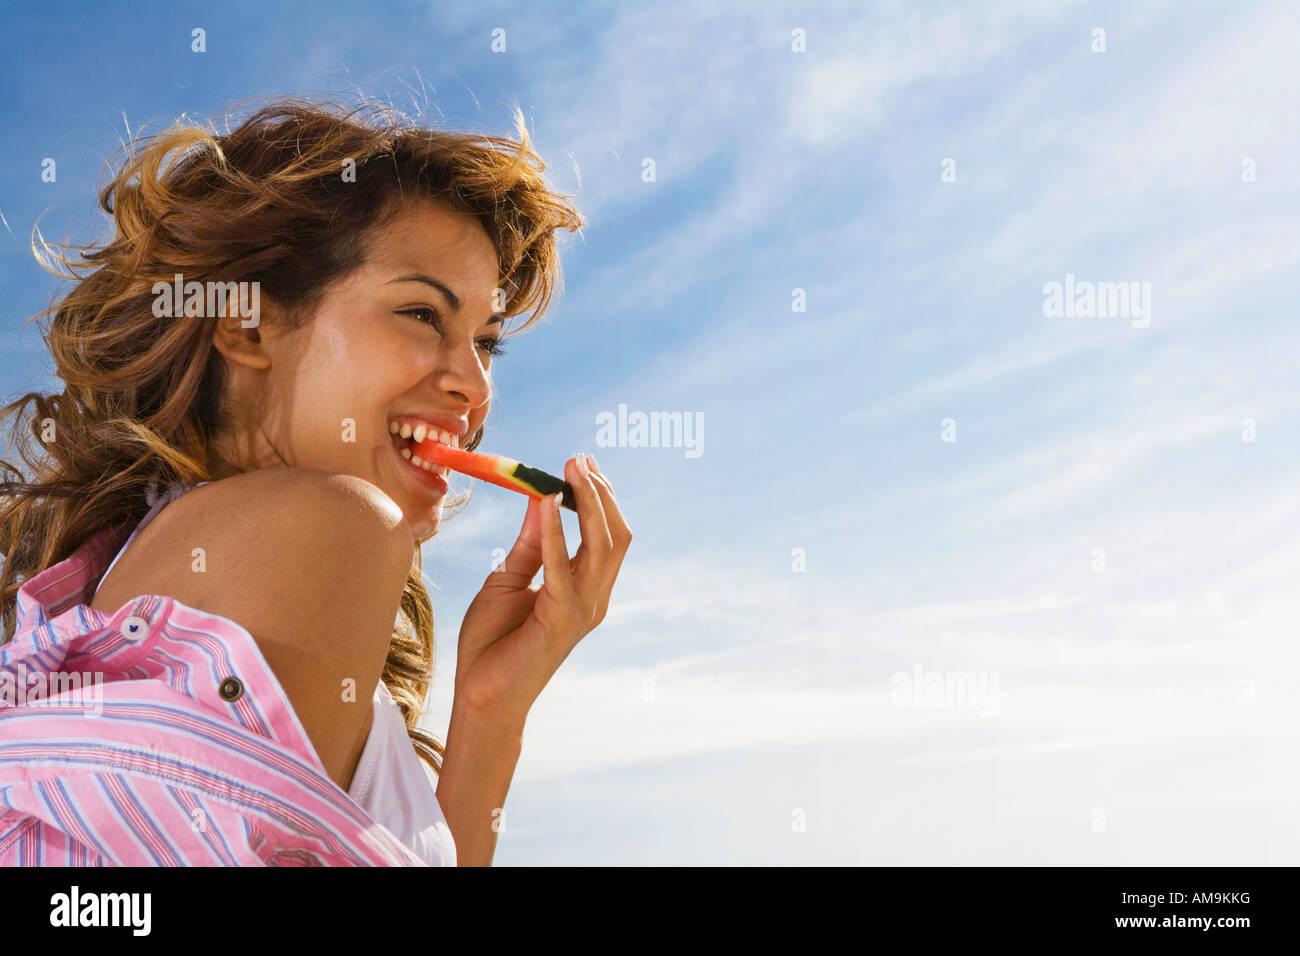 Frau mit Lächeln isst Wassermelone außerhalb. Stockbild